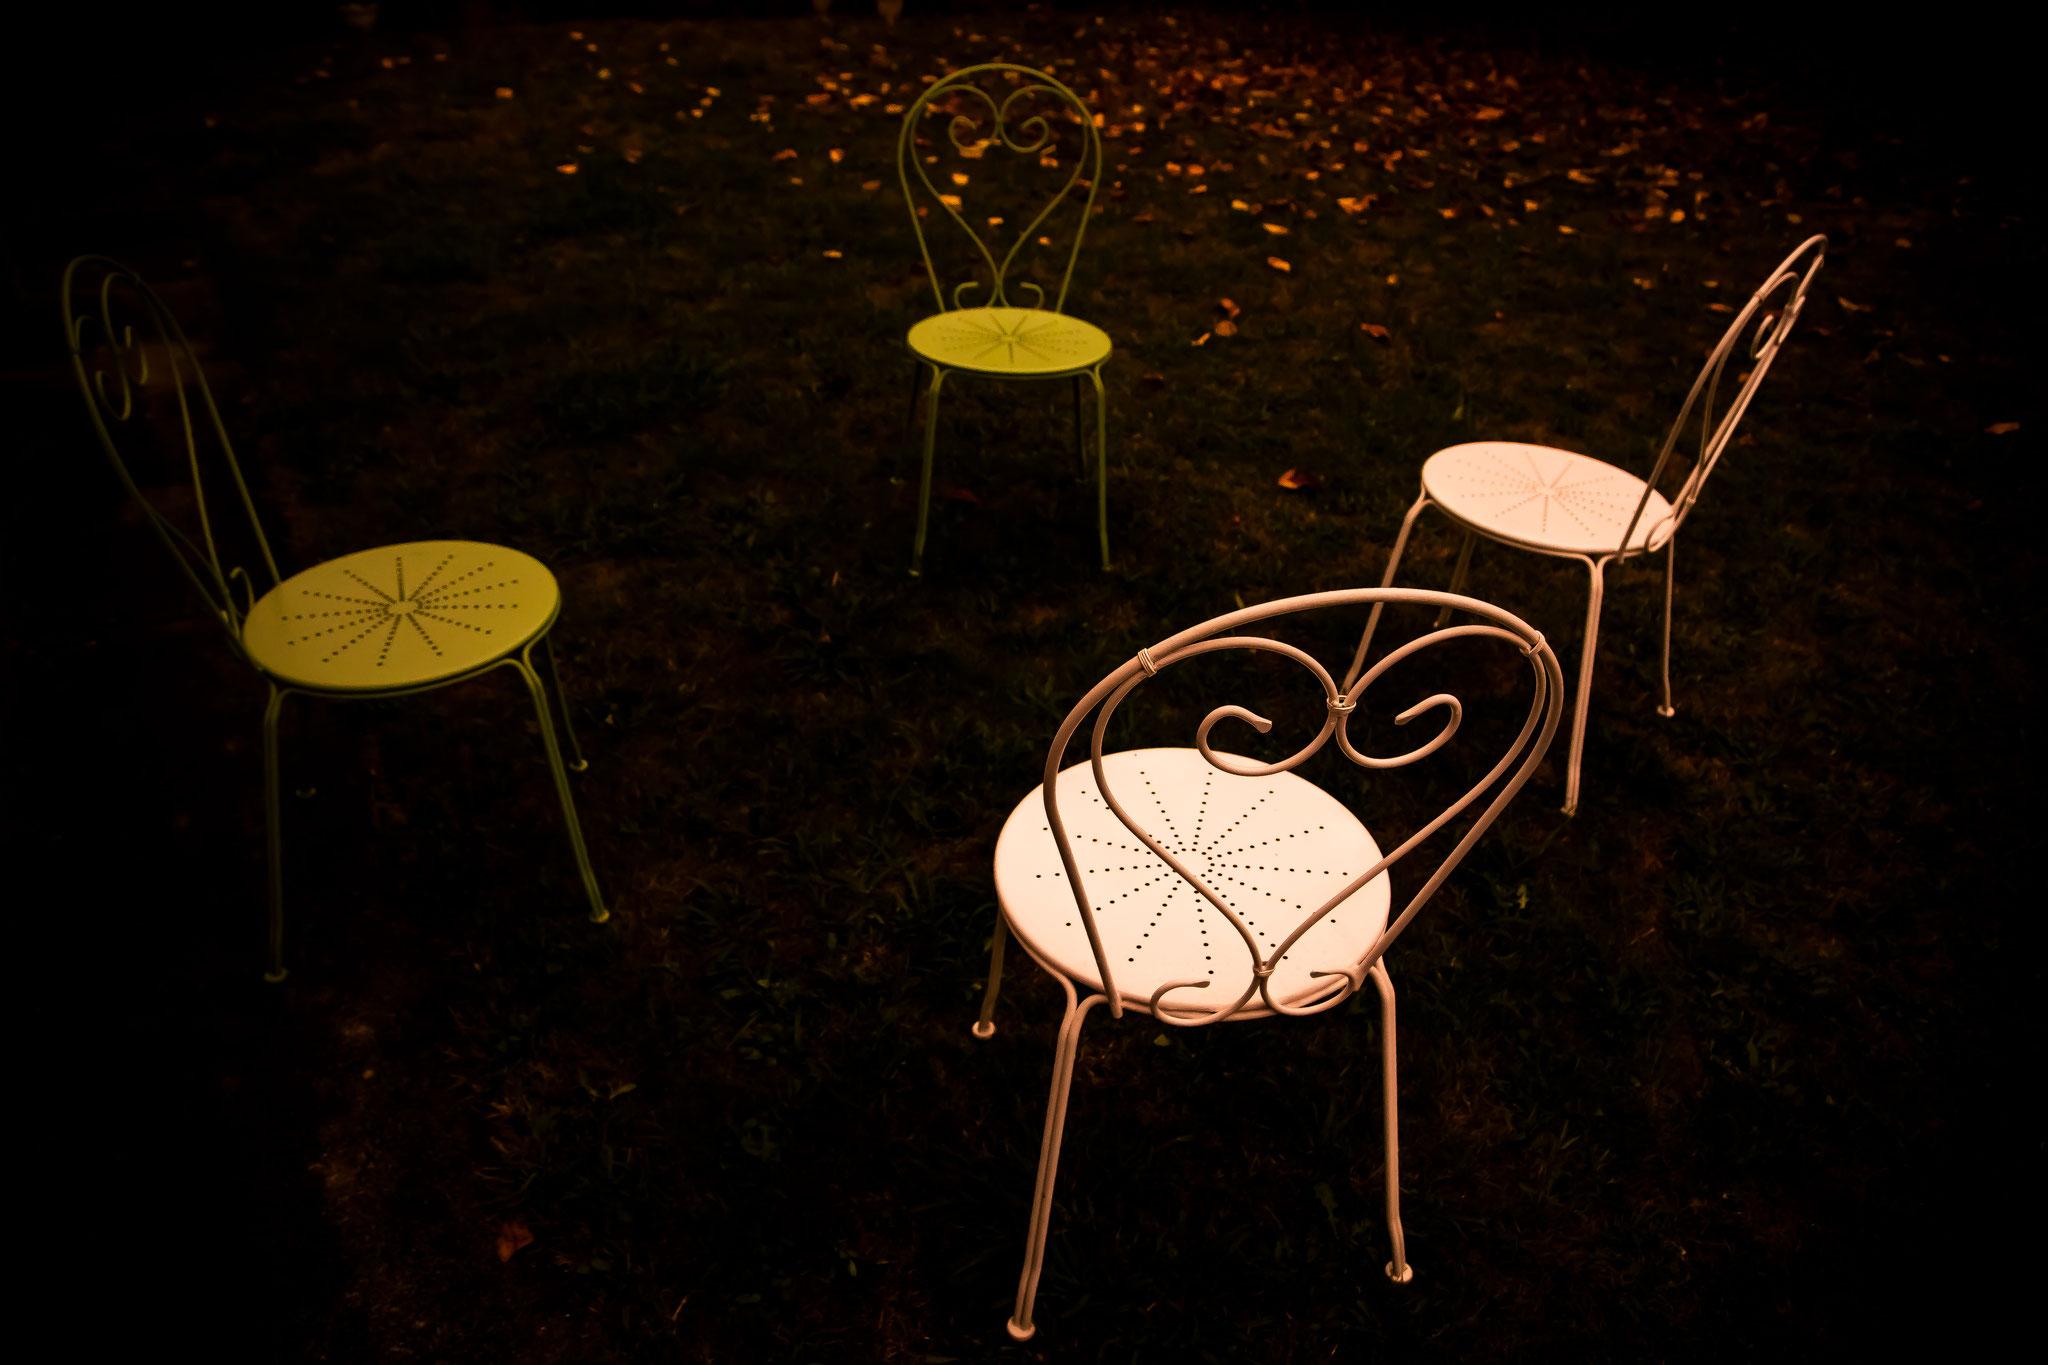 Der weiße Stuhl